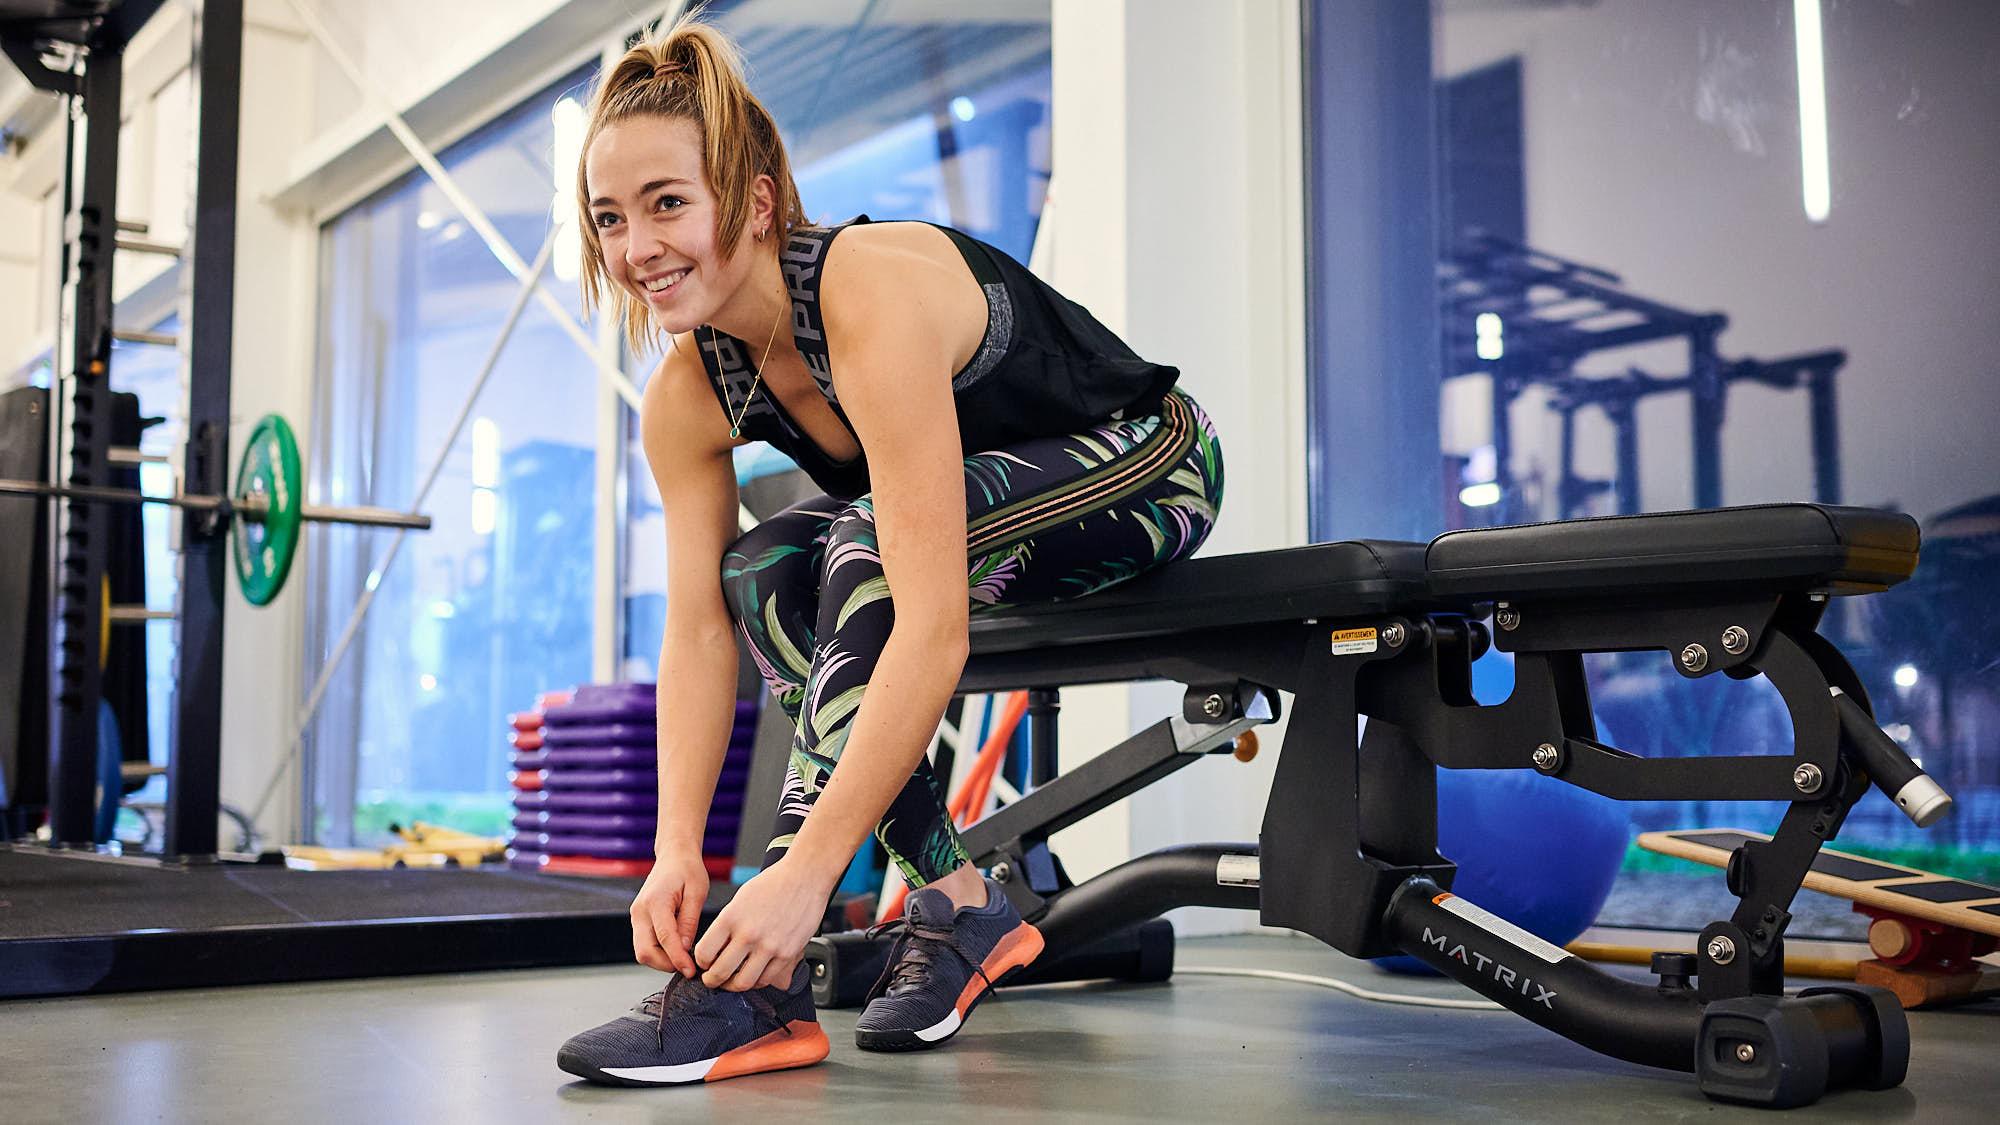 Dutch hockey athlete Renée van Laarhoven tying shoelaces